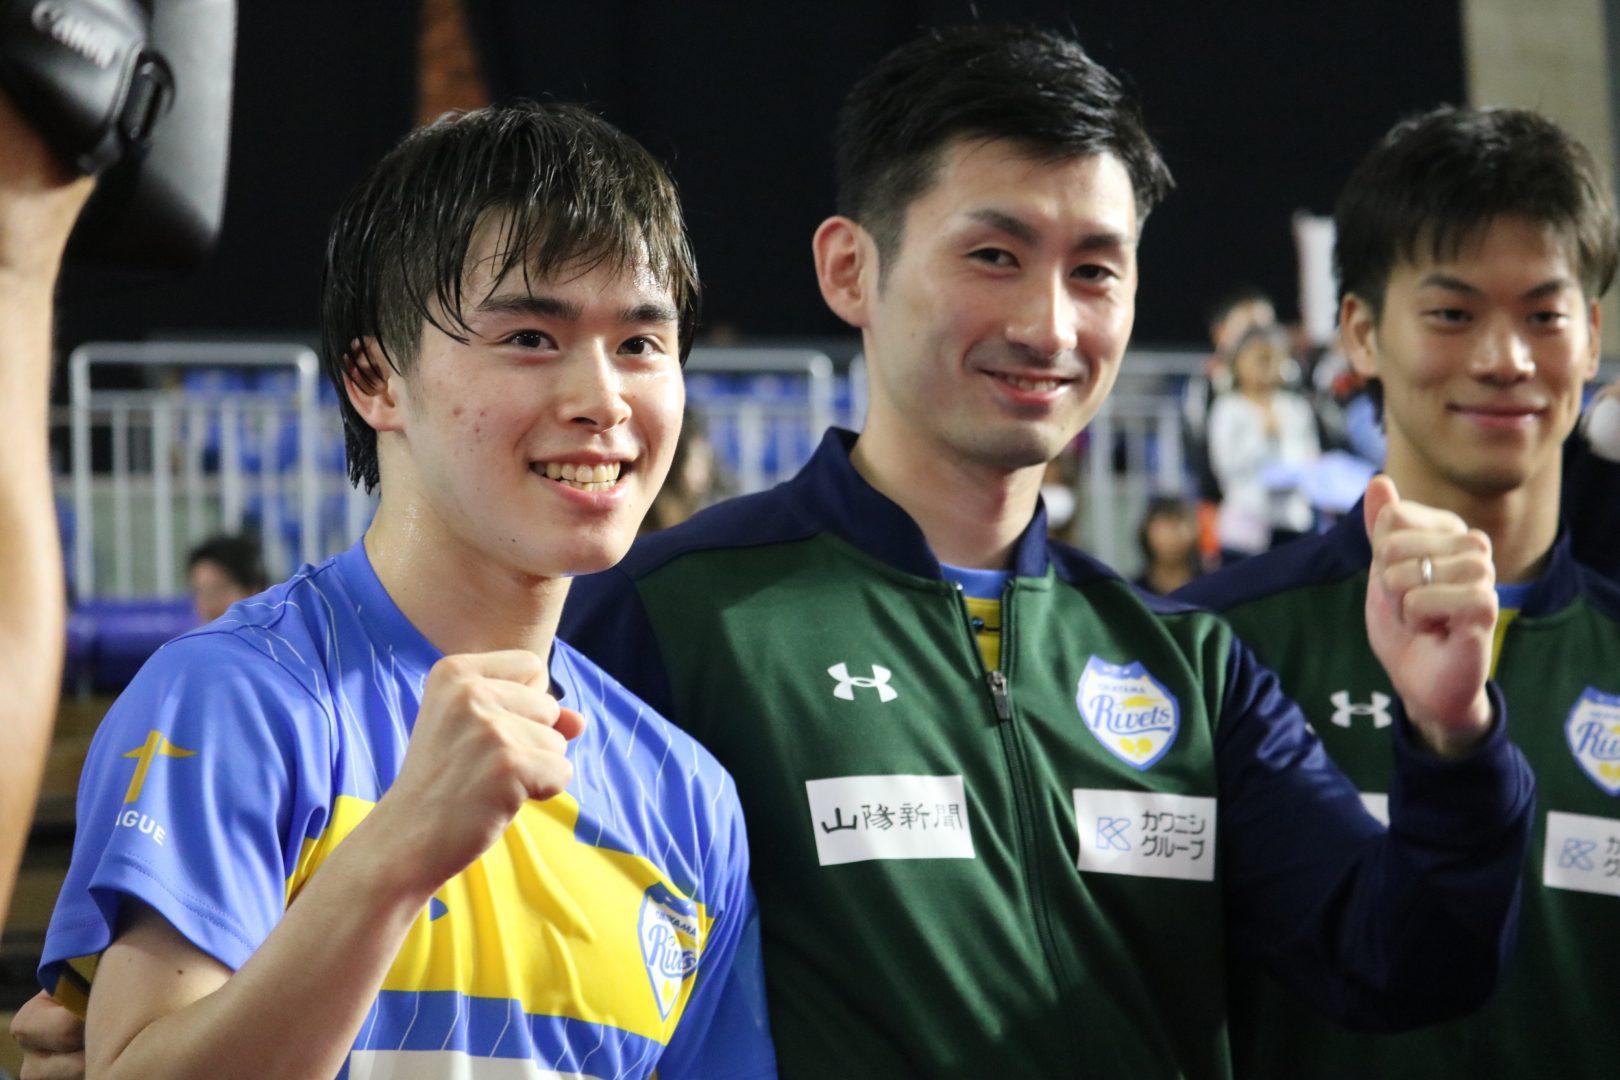 【卓球】岡山リベッツ「みんなで応援しませんか」 パブリックビューイング開催